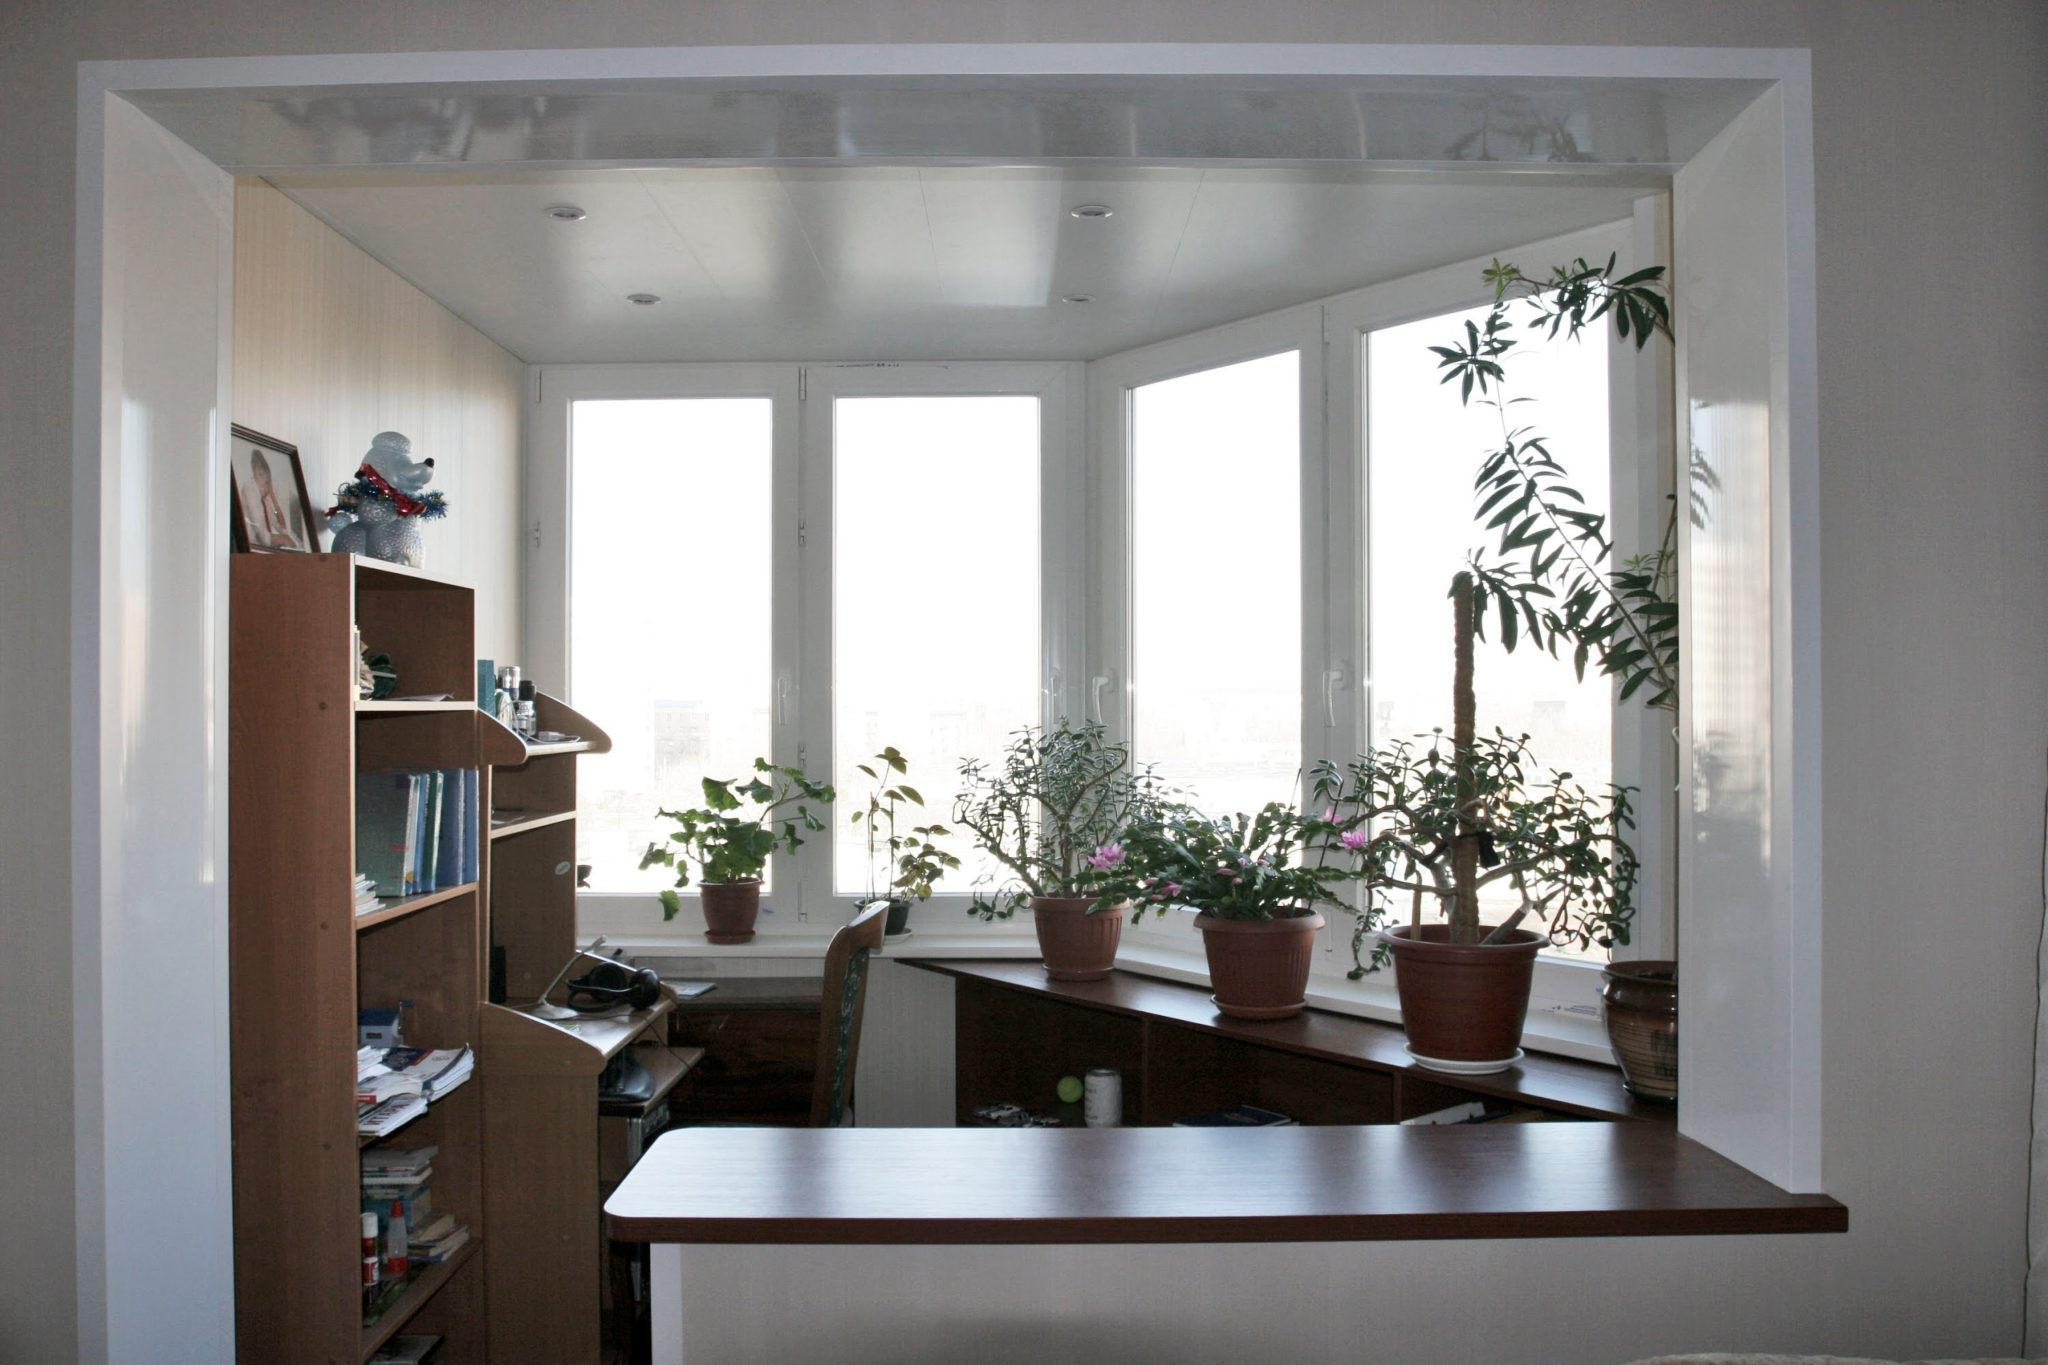 Балкон это перепланировка на украине - самая старая коллекци.